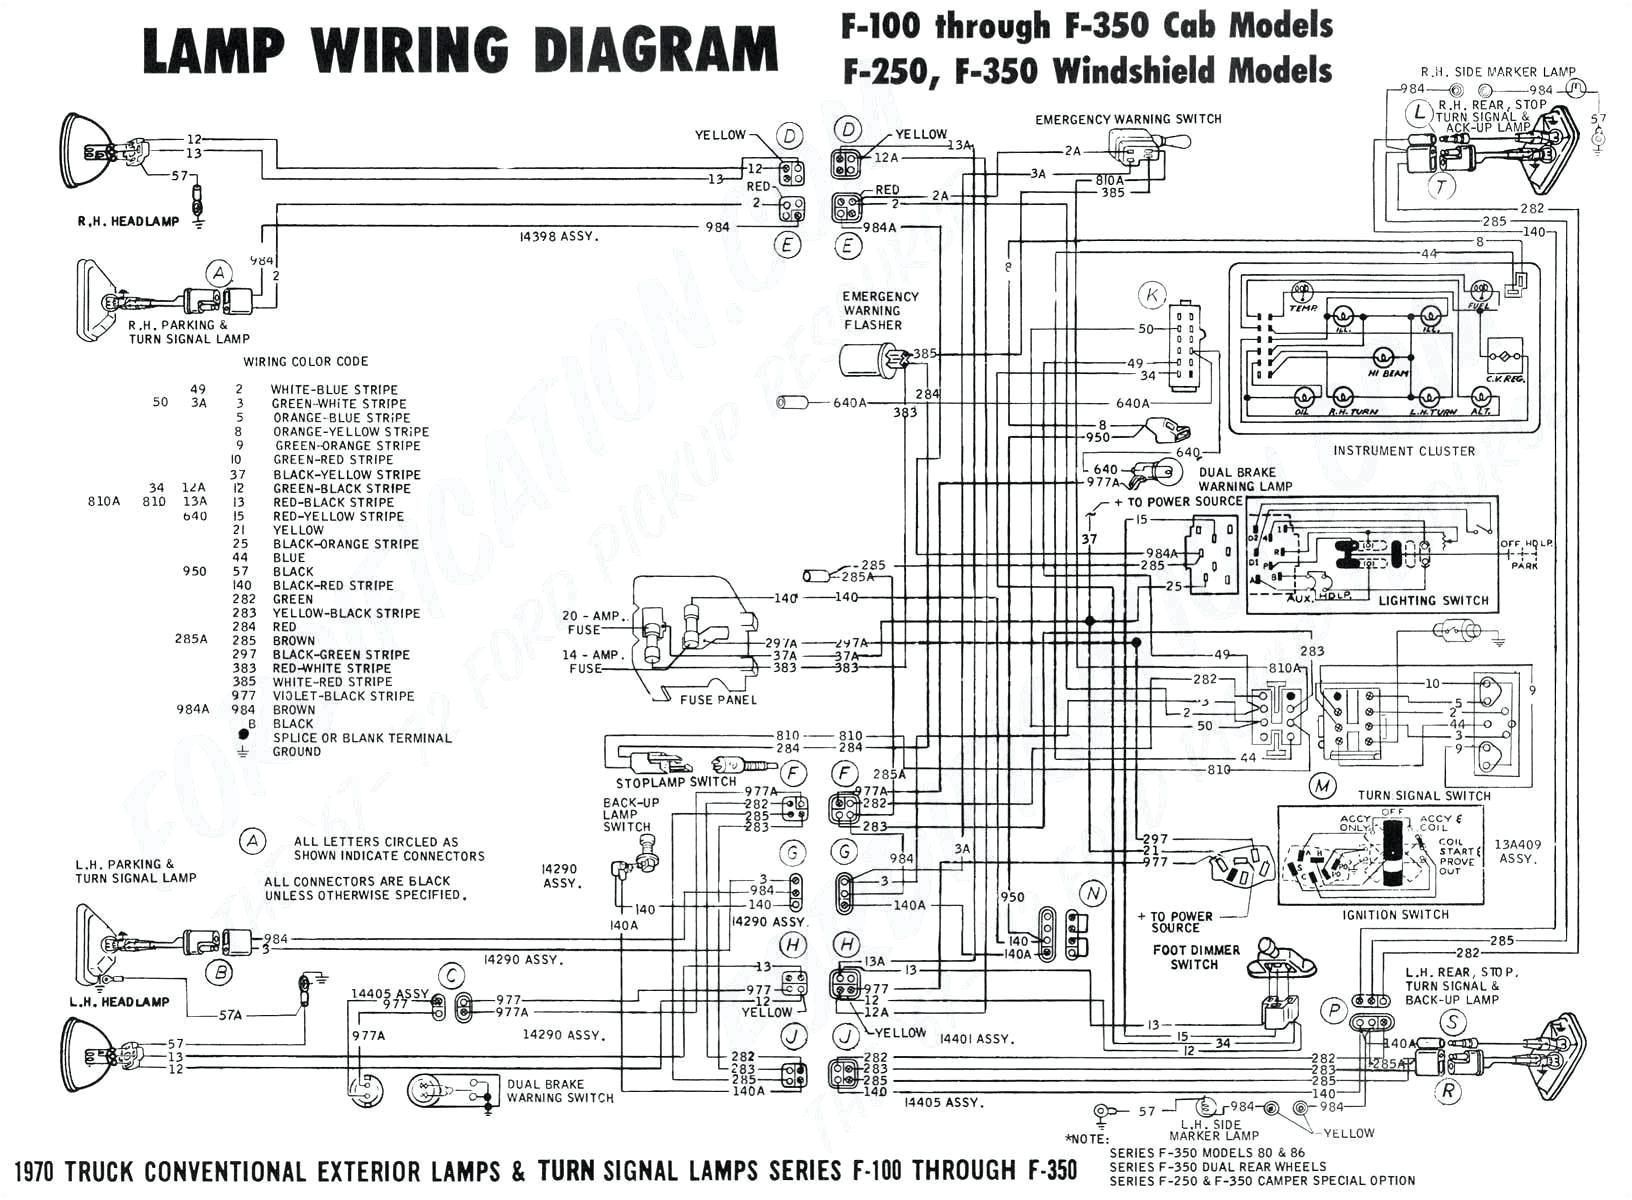 6bt wiring diagram blog wiring diagram 1993 6bt wiring diagram